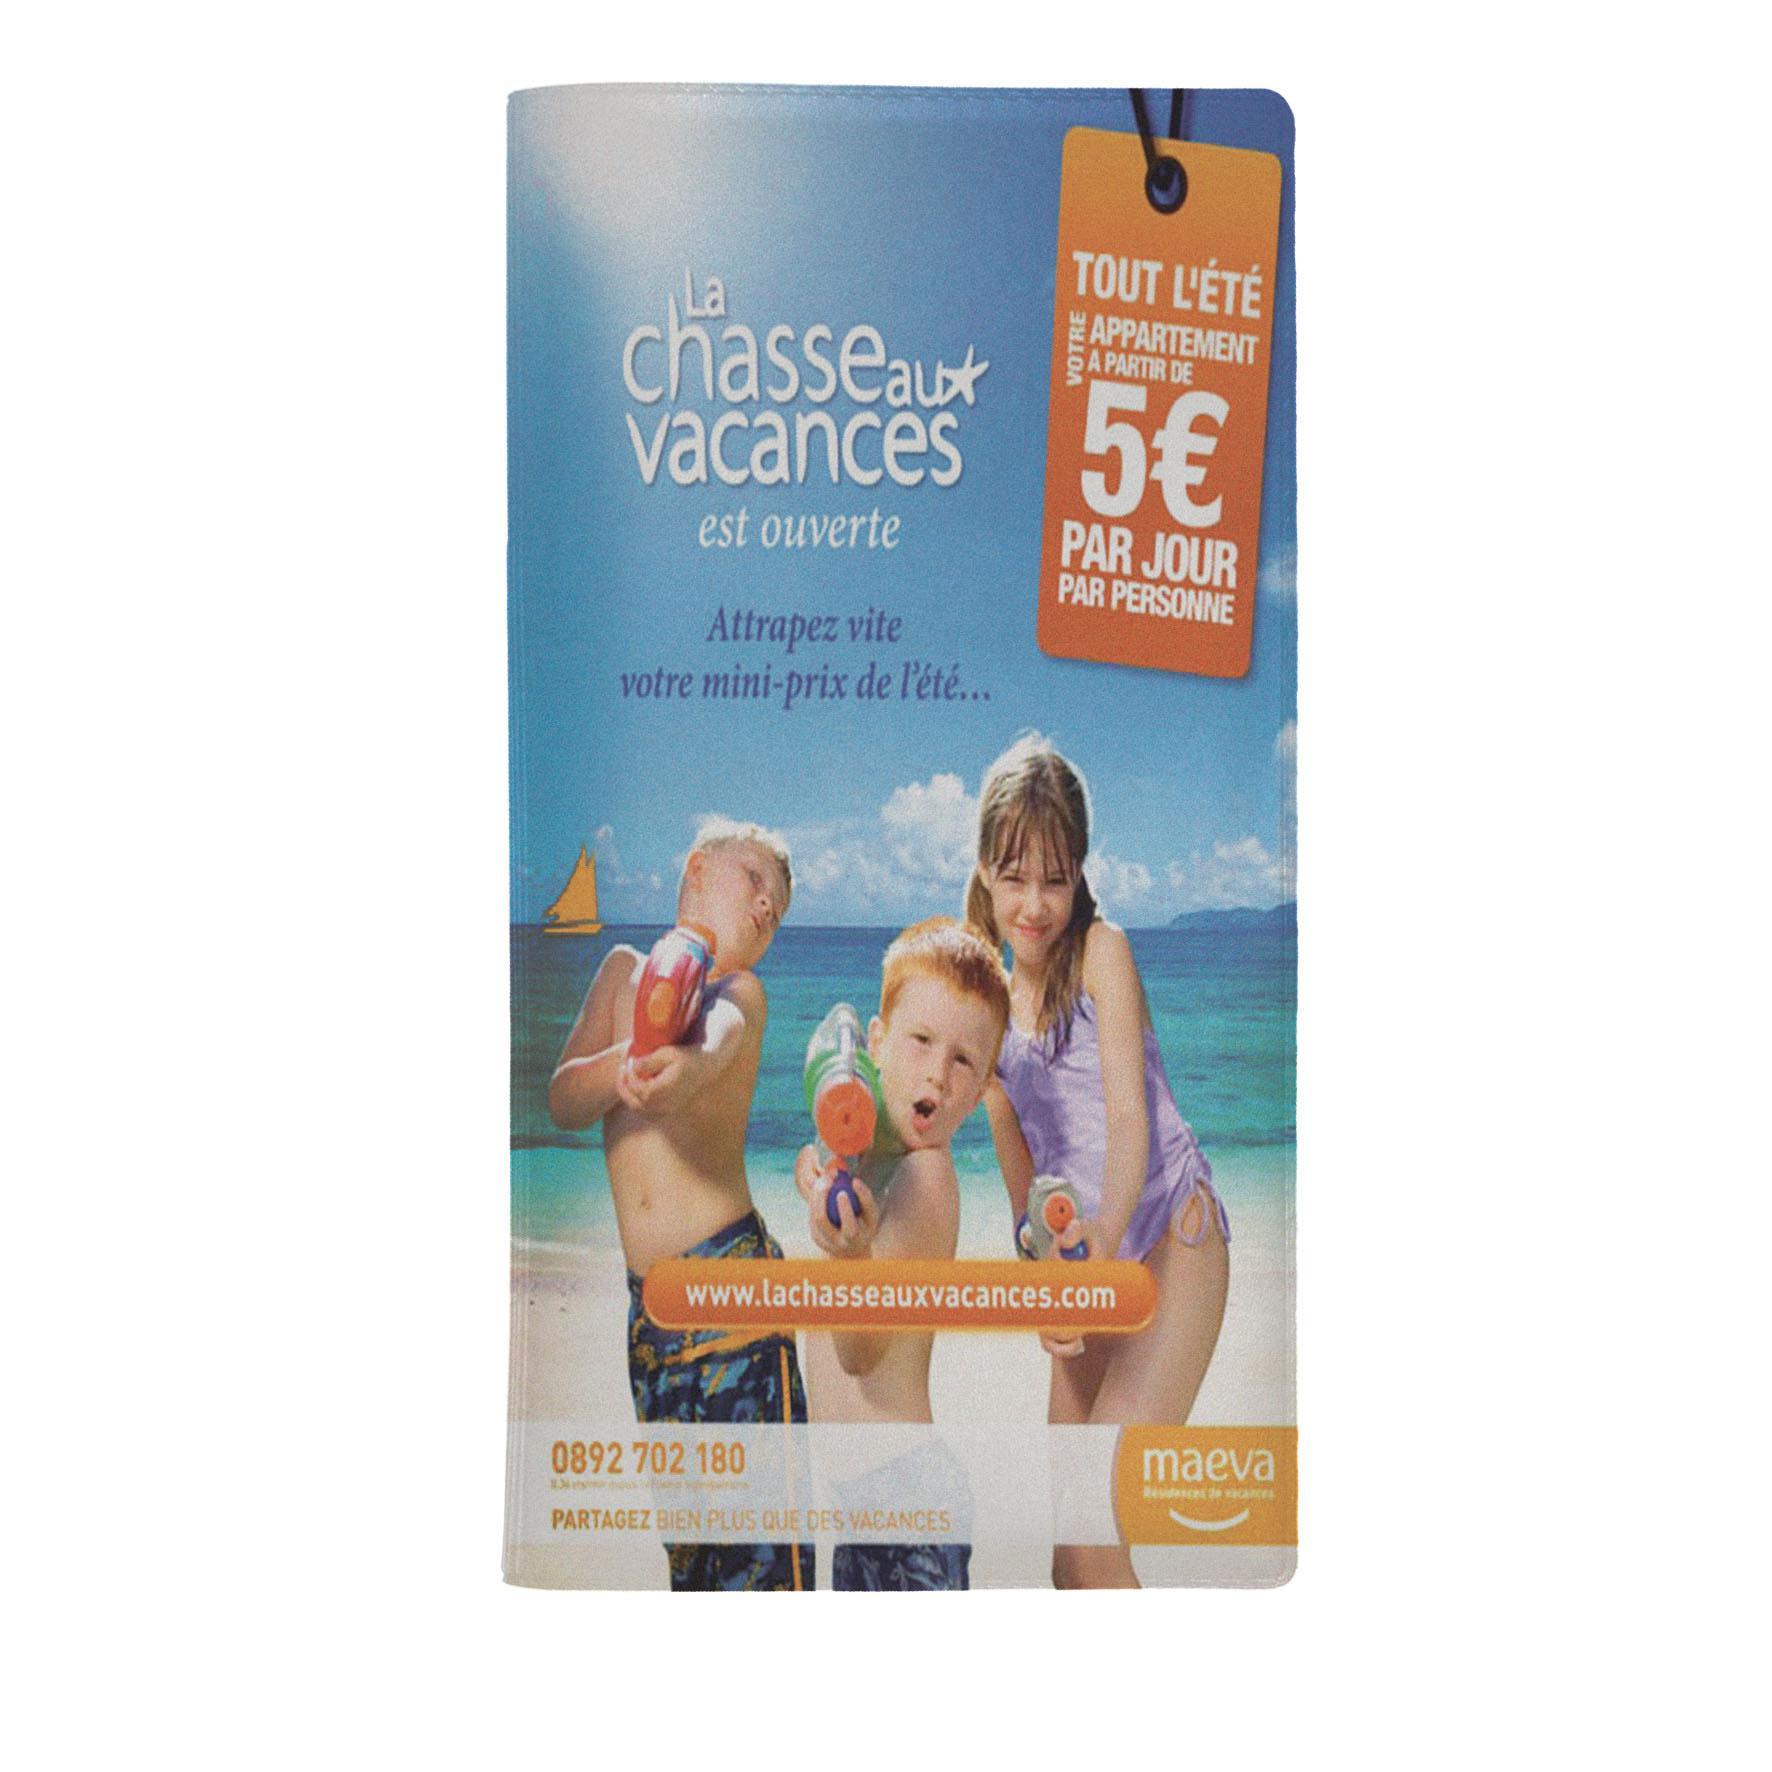 Cadeau publicitaire - Pochette de voyage publicitaire Verticale - bleu